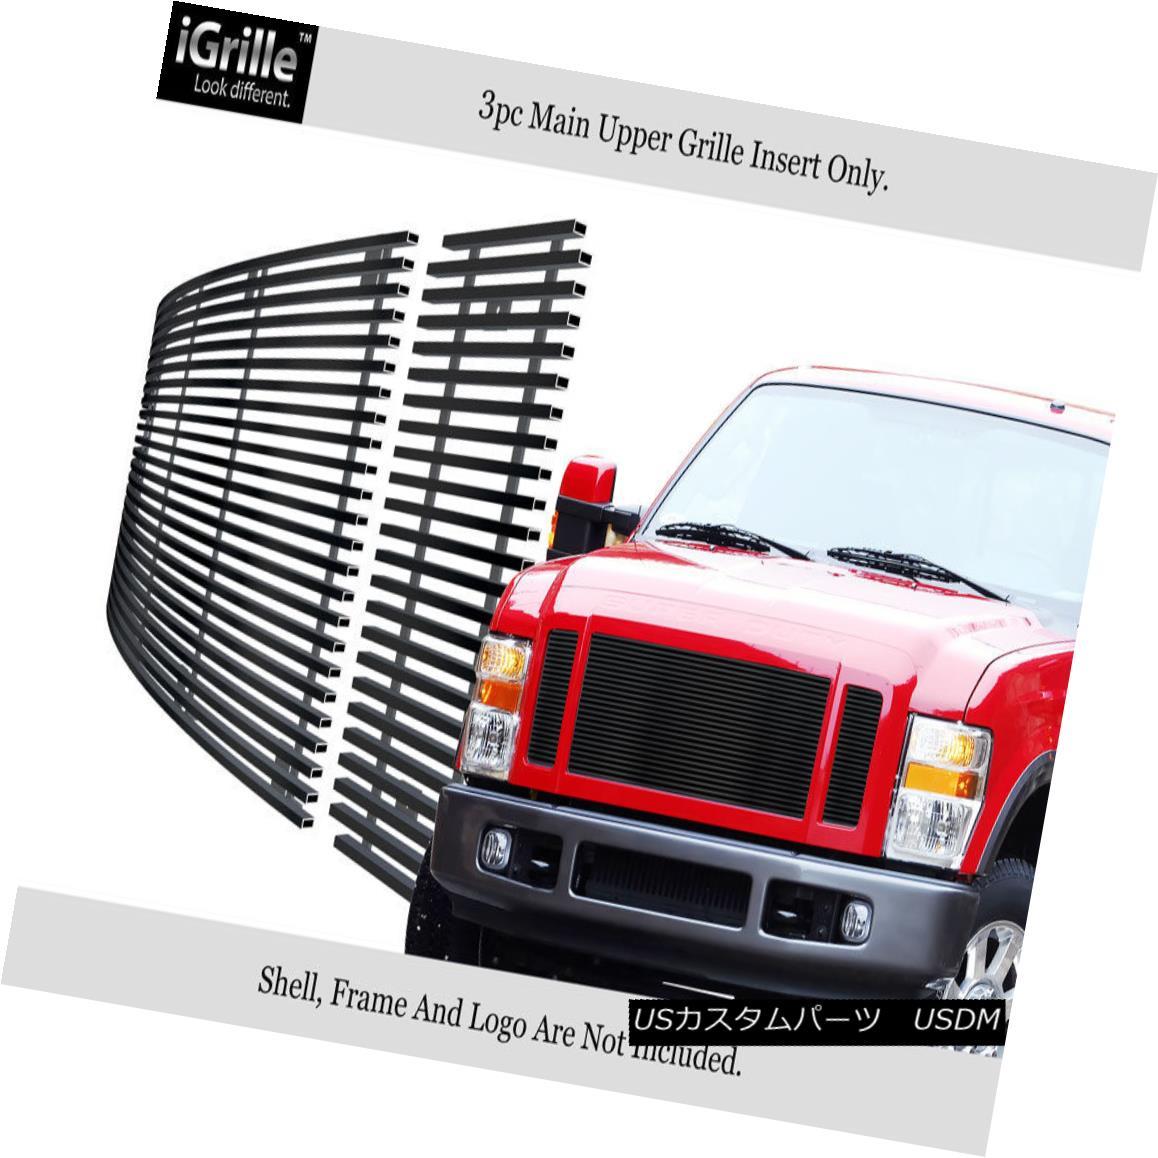 グリル For 08-10 Ford F250/F350/F450/ F550 Stainless Black Billet Grille Insert 08-10 Ford F250 / F350 / F450 / F550ステンレスブラックビレットグリルインサート